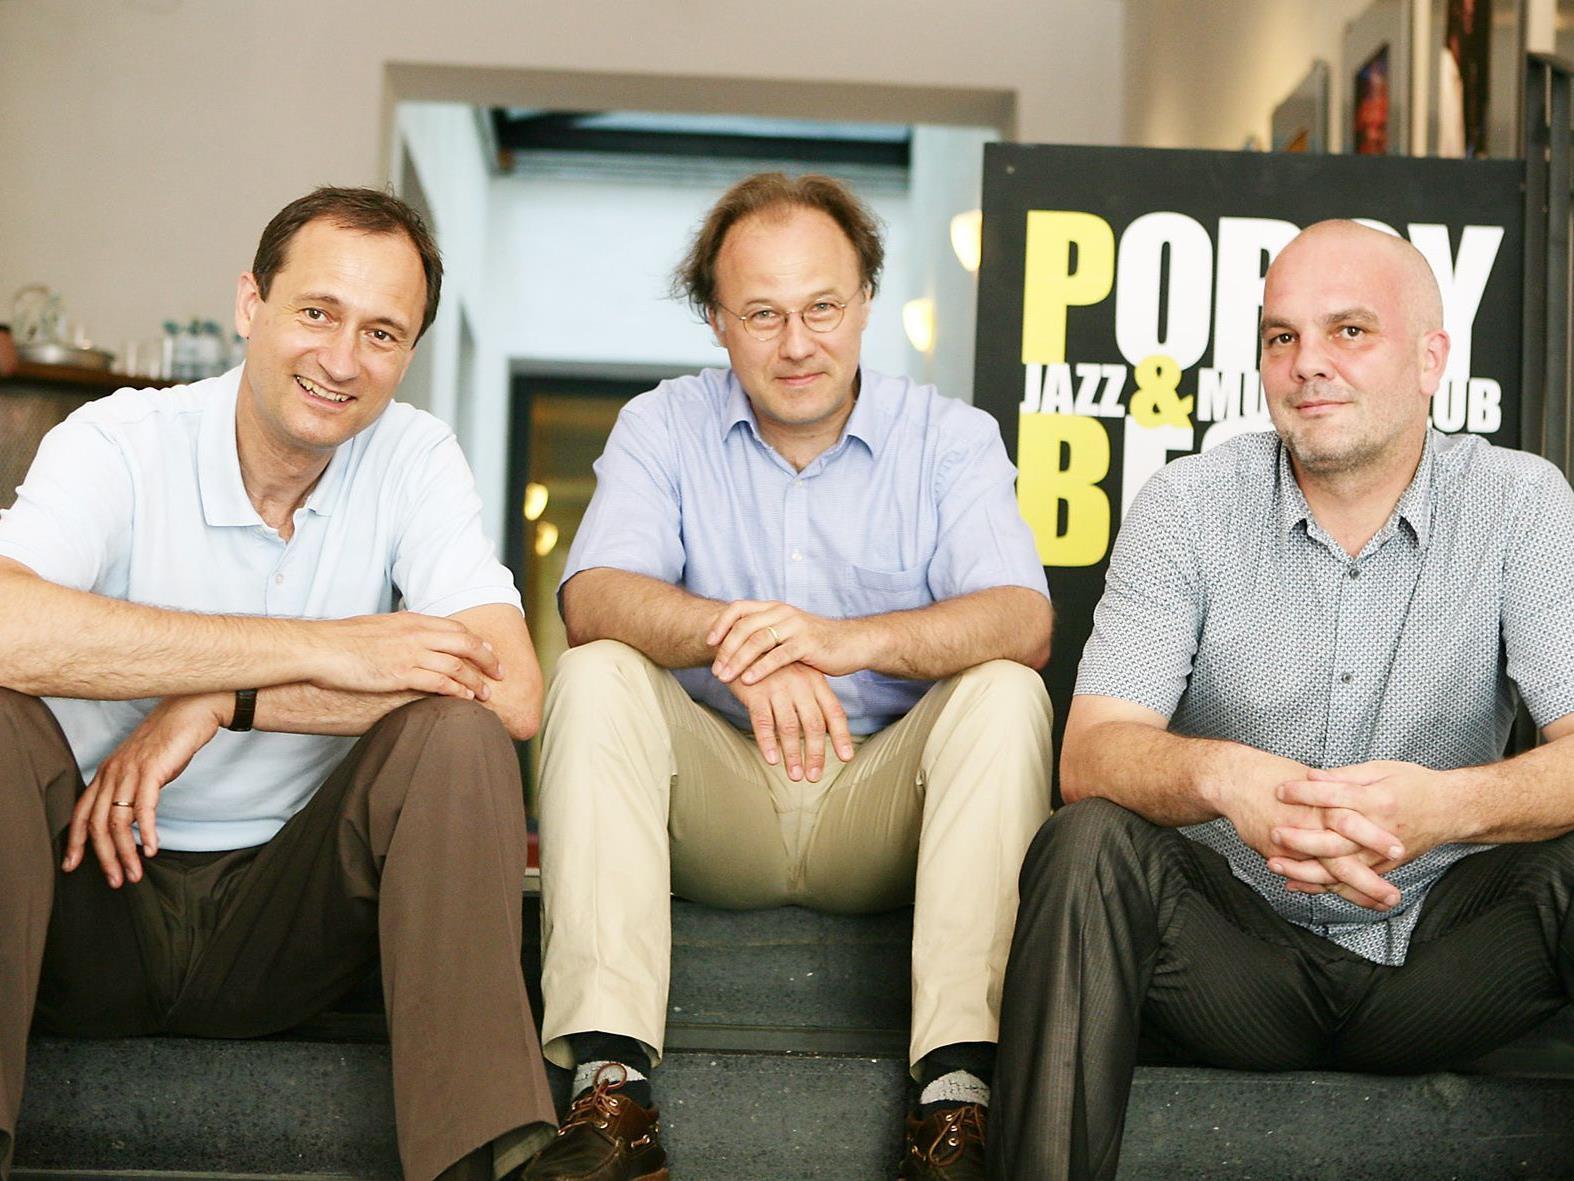 (v.l.n.r.): Kulturstadtrat Andreas Mailath-Pokorny, Komponist & ÖKB-Vizepräsident Alexander Kukelka, Porgy & Bess-Geschäftsführer Christoph Huber